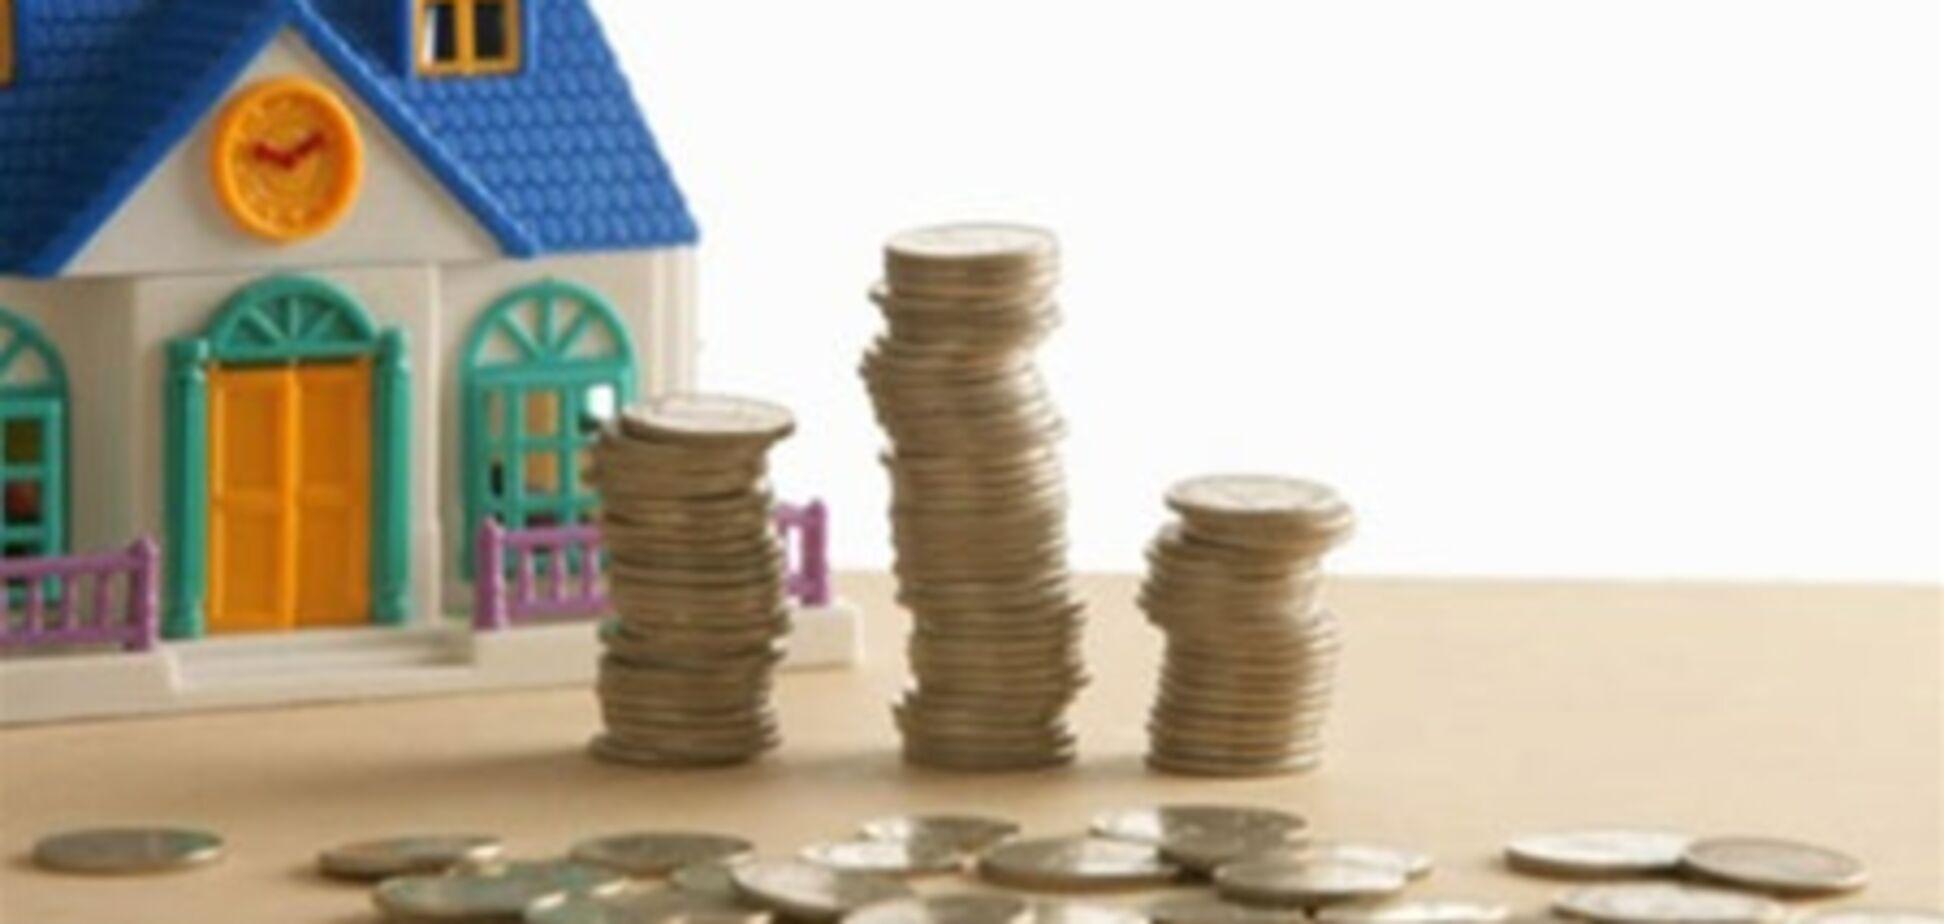 Как выгодно продать дом - советы эксперта